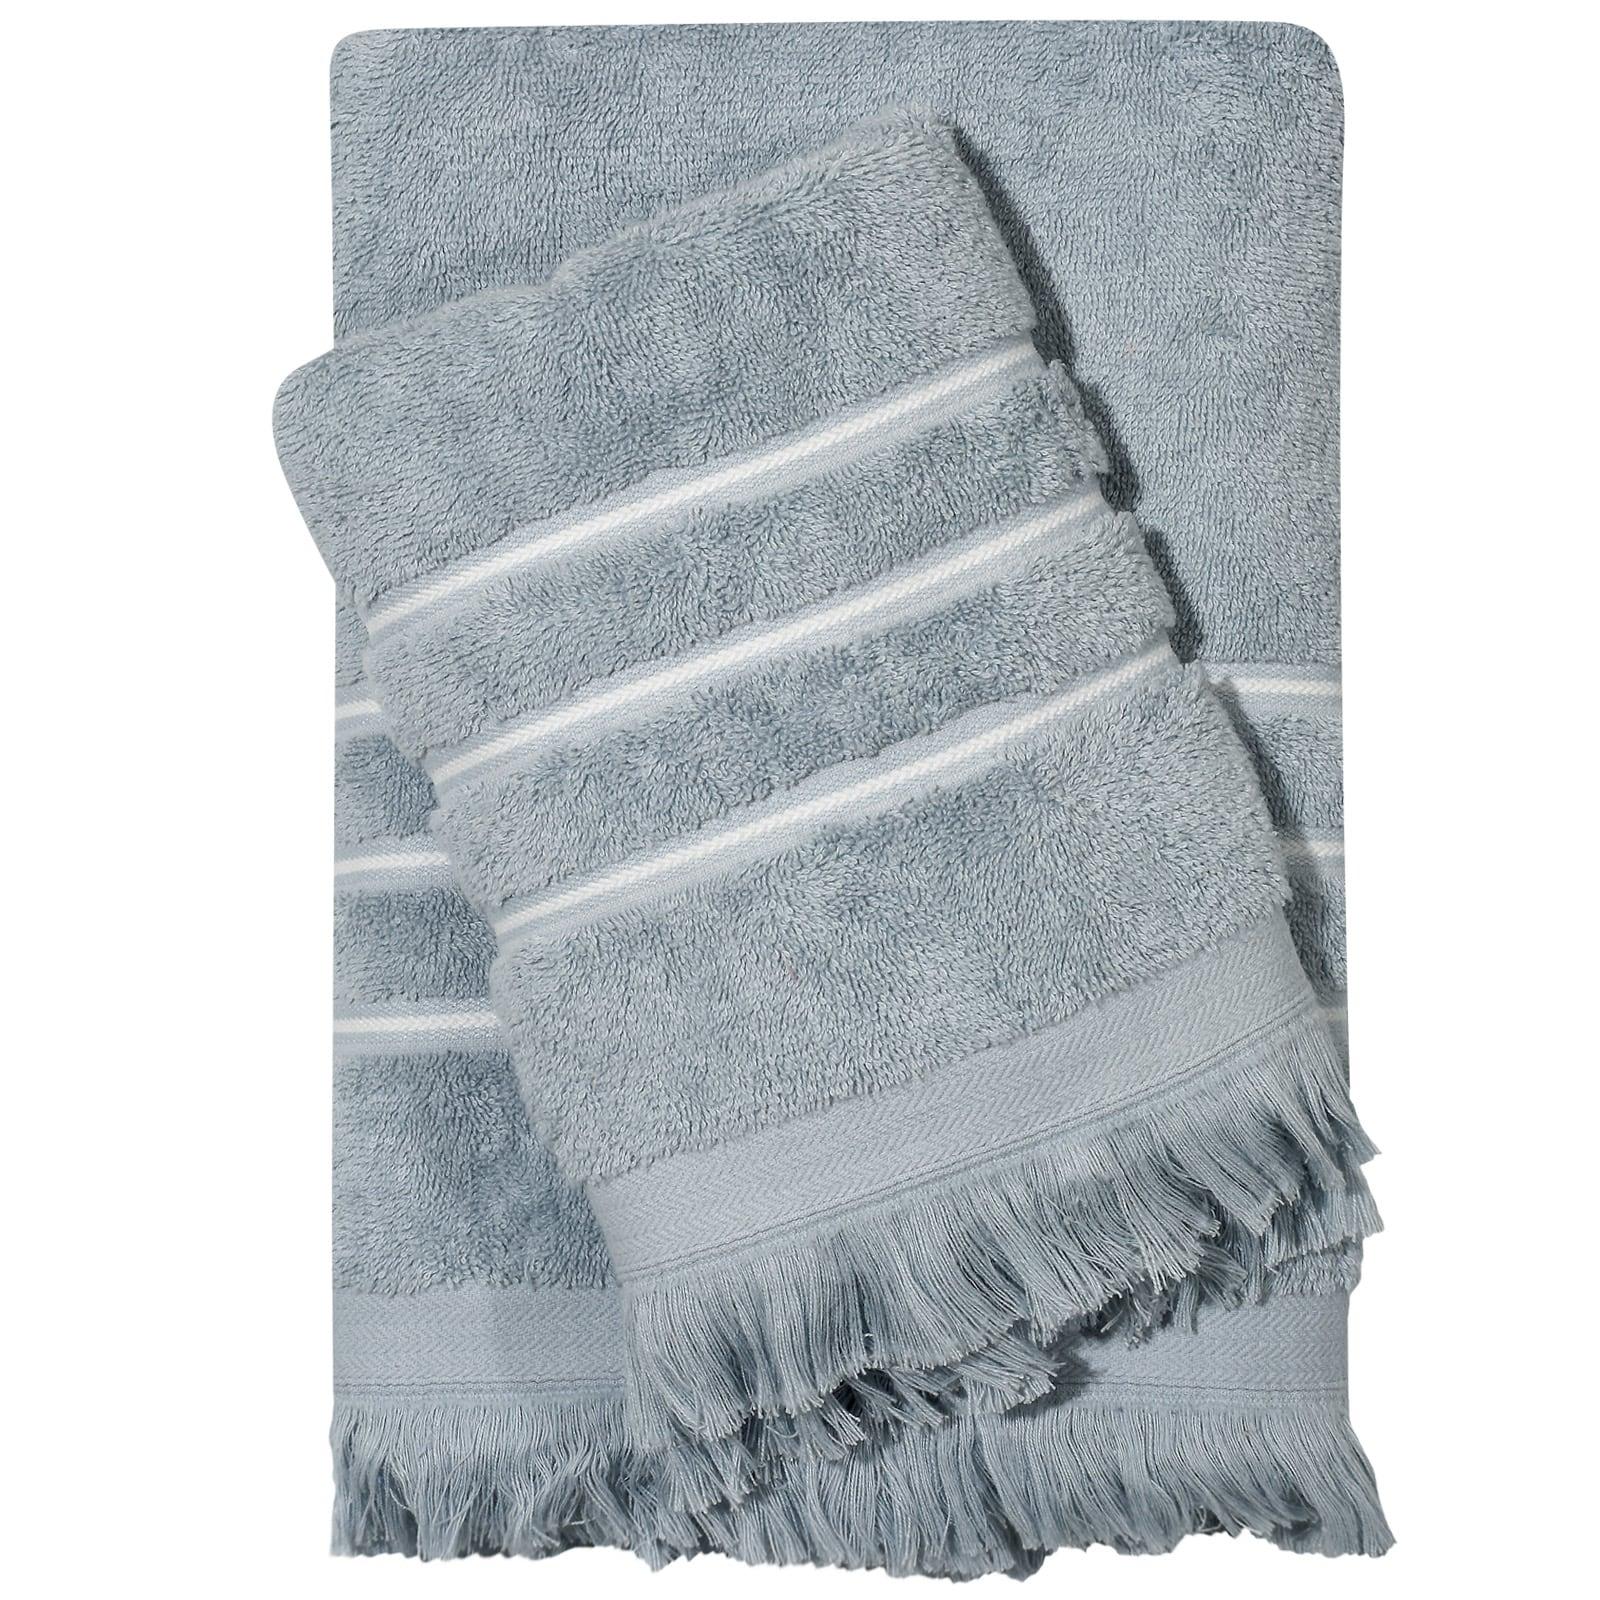 Πετσέτες Σετ 3τμχ 0418 Best Light Blue Das Home Σετ Πετσέτες